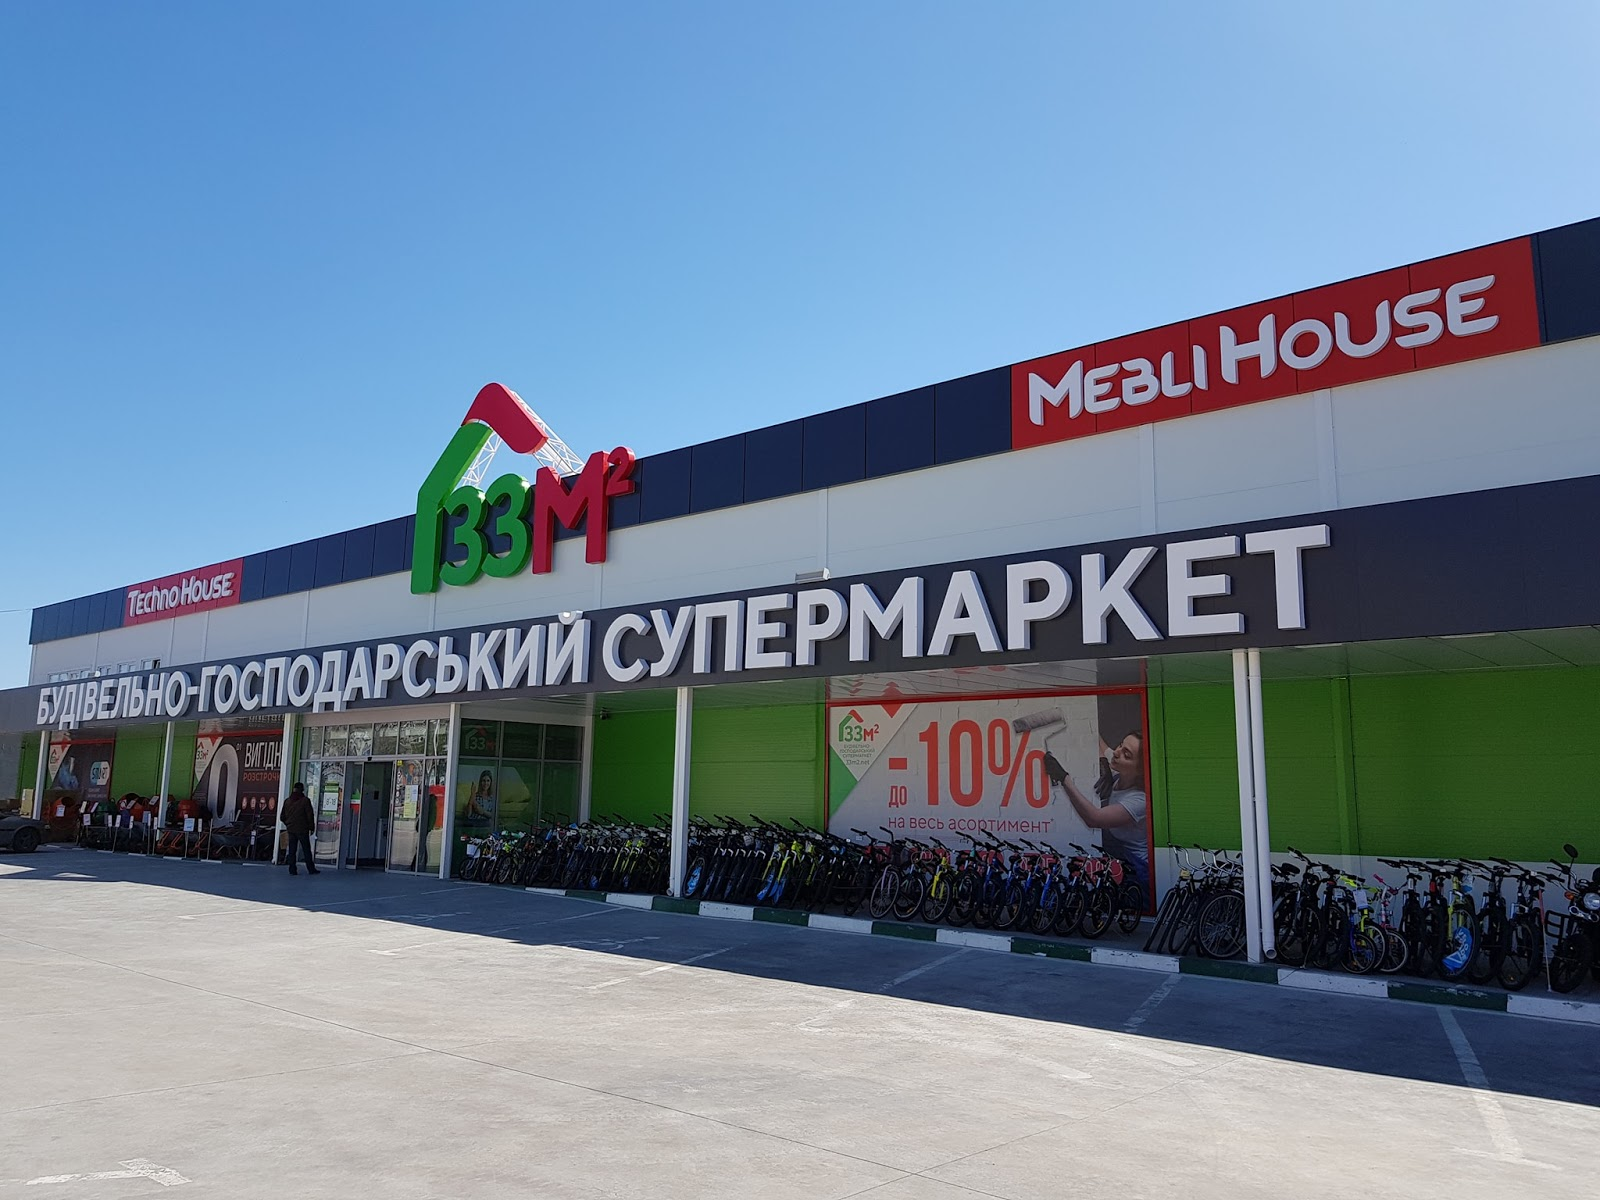 """Строительно-хозяйственный супермаркет """"33 кв. м."""" присоединился к программе """"Благотворительная реклама"""""""